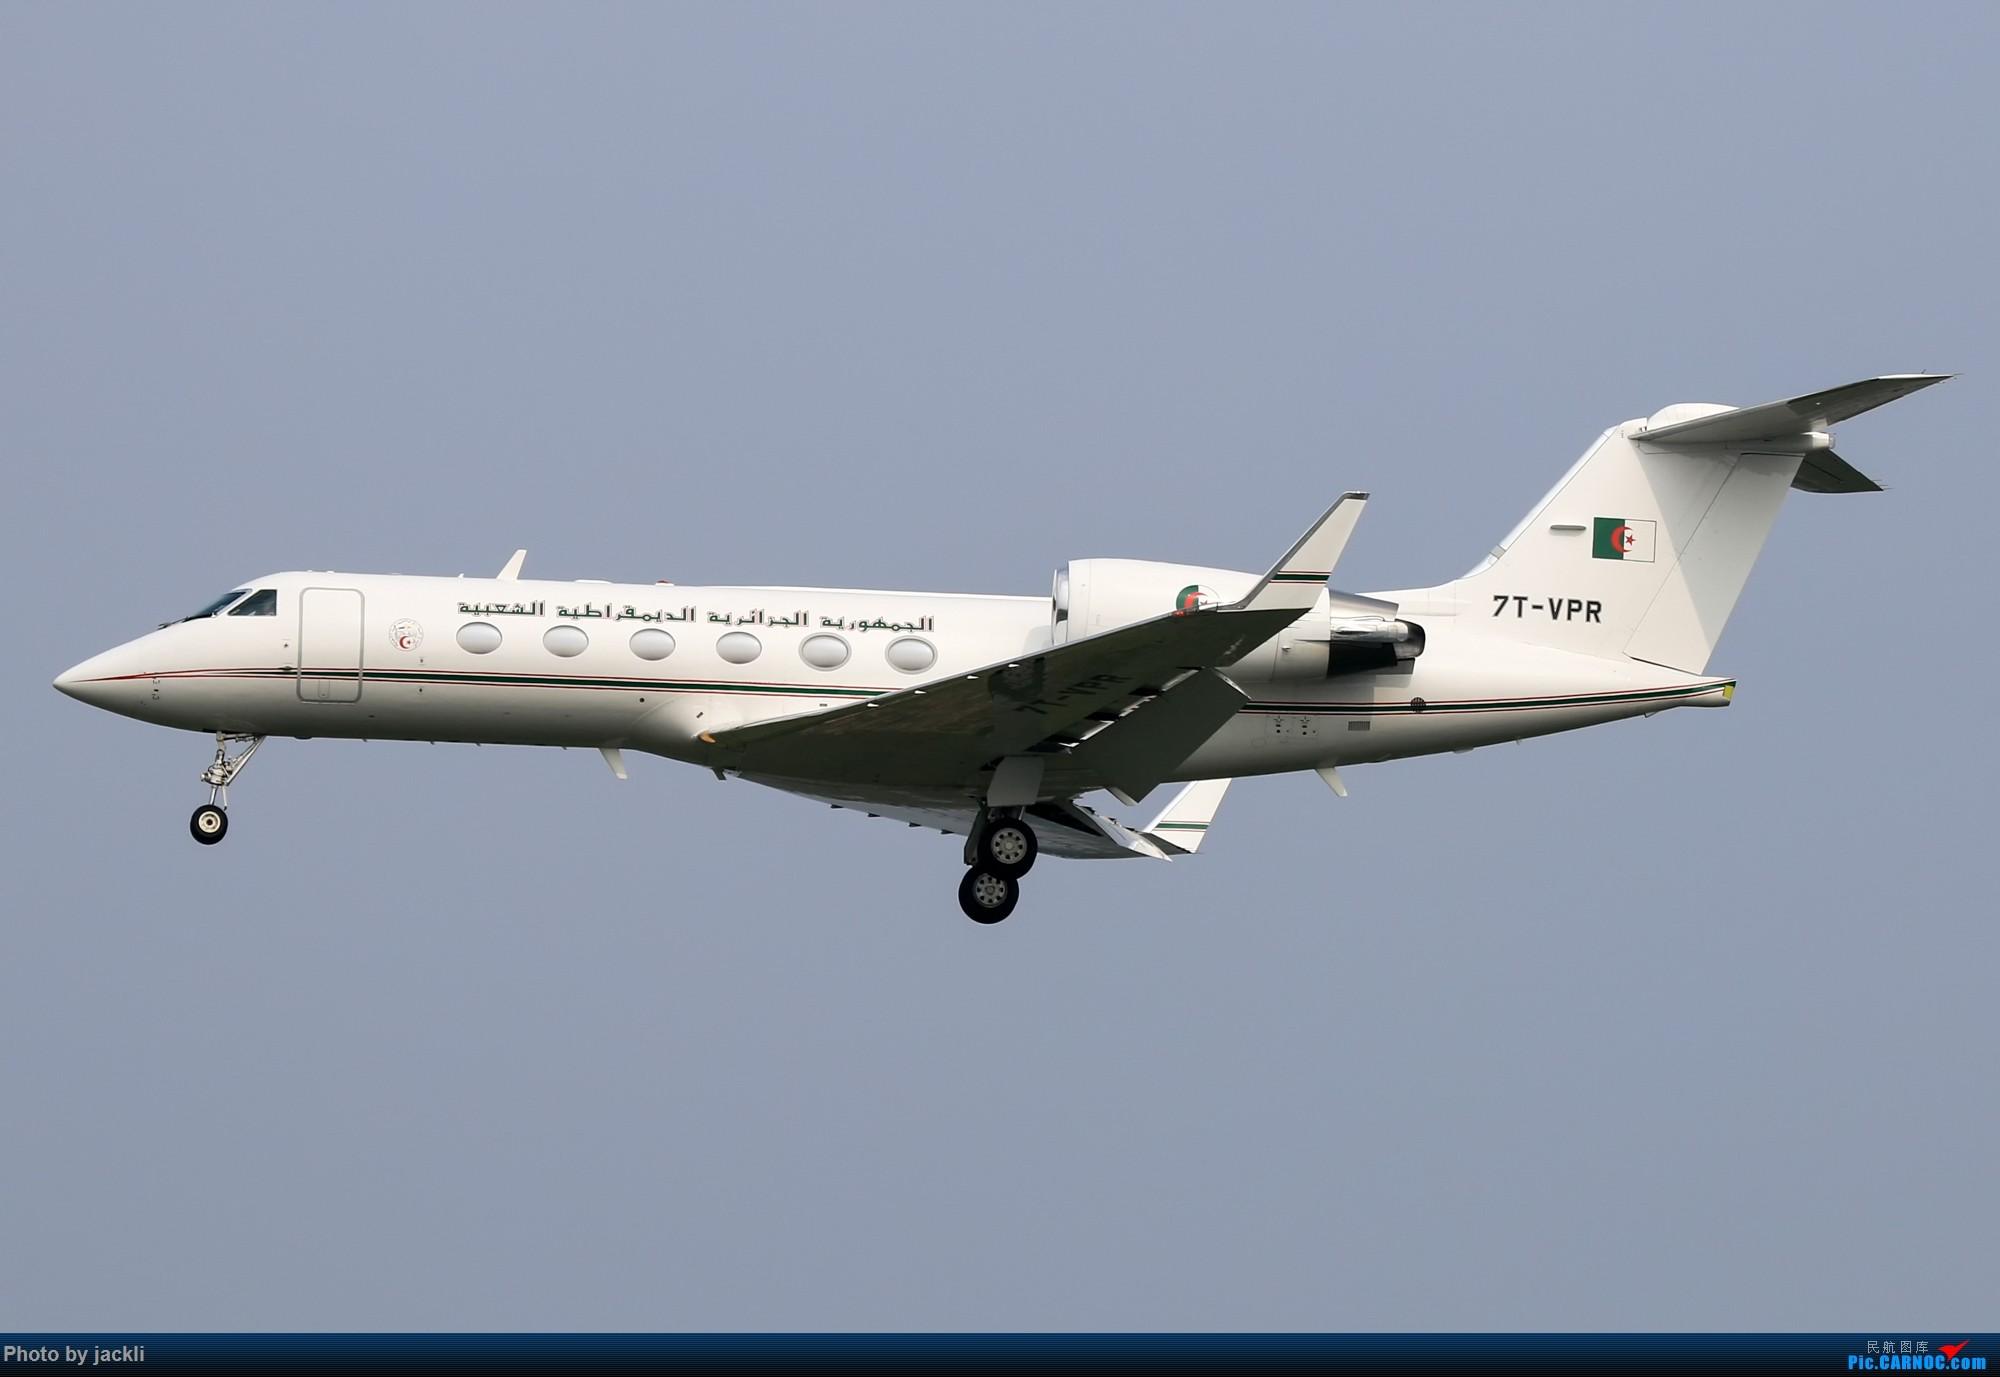 Re:[原创]【JackLi拍机+游记】北京首都机场拍机+参观民航博物馆+首次体验国航A350~ GULFSTREAM AEROSPACE G-IV GULFSTREAM IV-SP 7T-VPR 中国北京首都国际机场